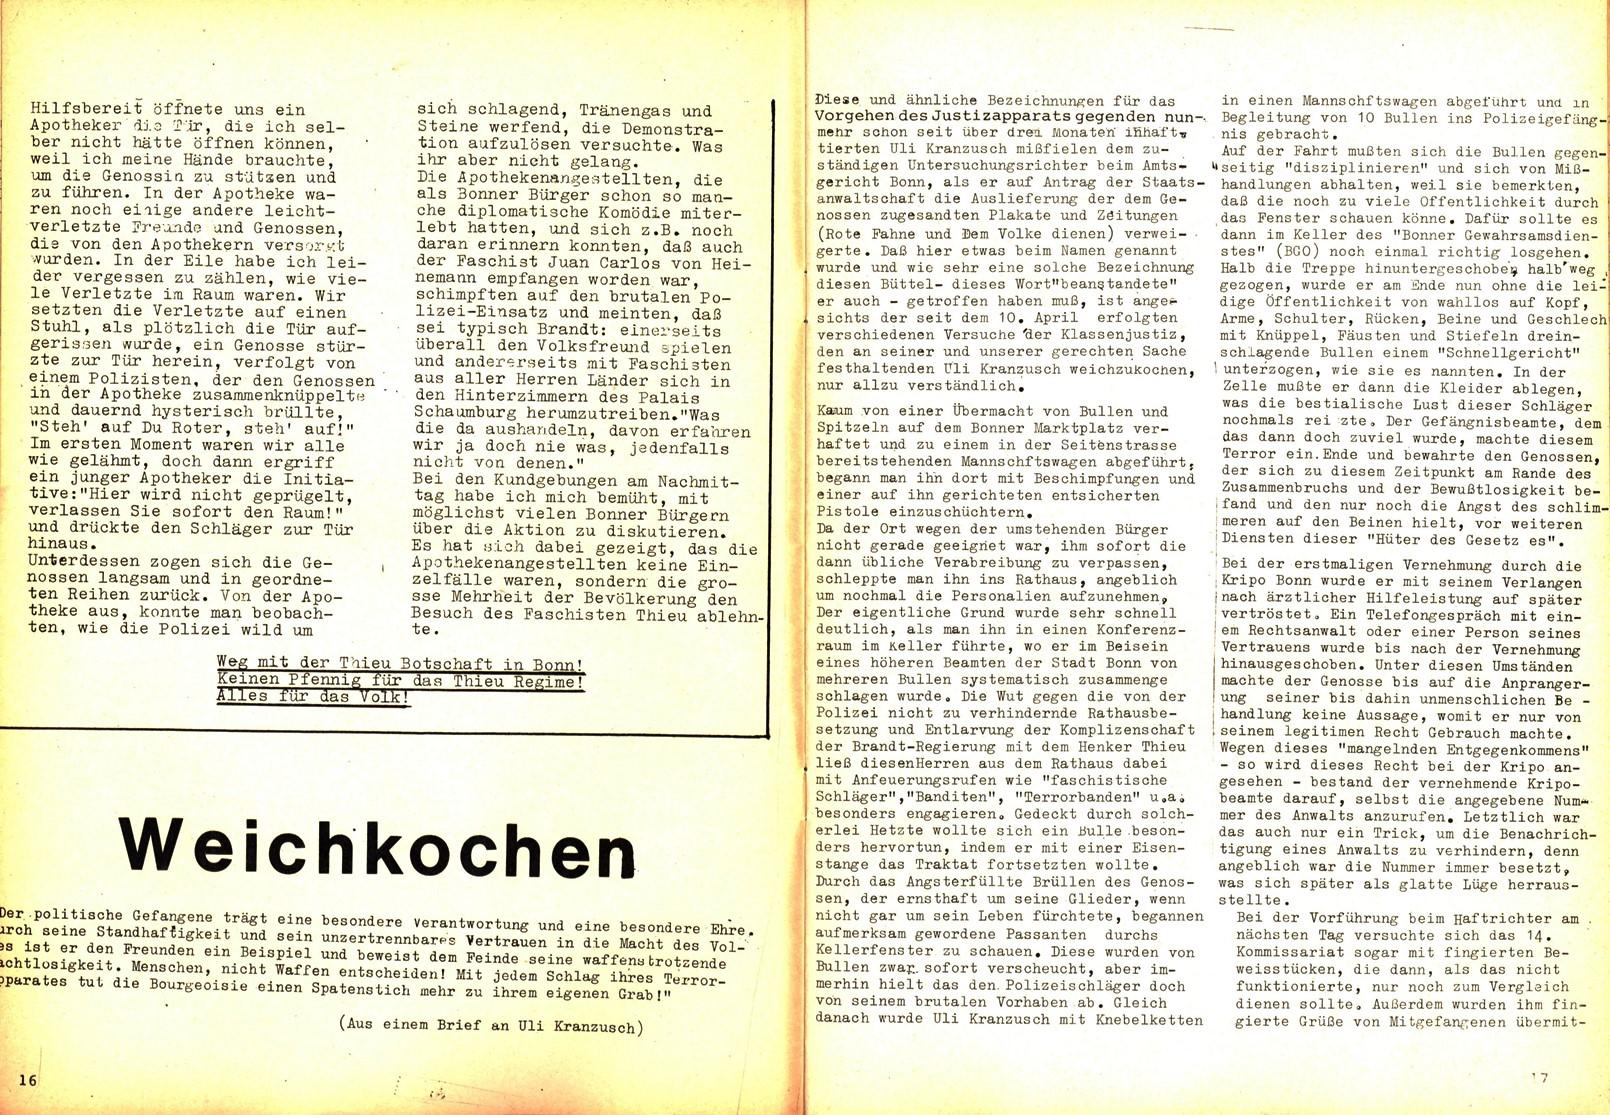 Komitee_Haende_weg_von_der_KPD_1973_Freiheit_fuer_Uli_Kranzusch_10